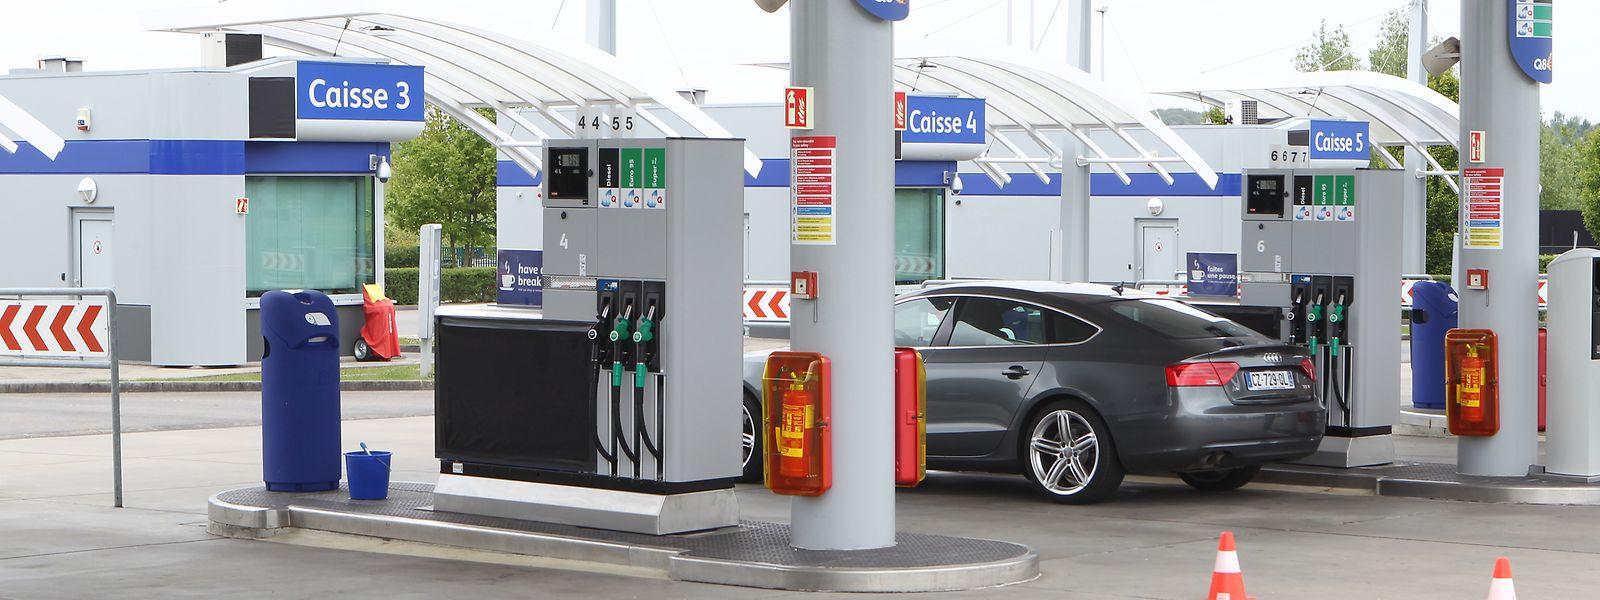 Le Luxembourg dispose de 54.502 tonnes métriques de réserves de carburant sur son territoire national, et 798.817 tm à l'étranger.